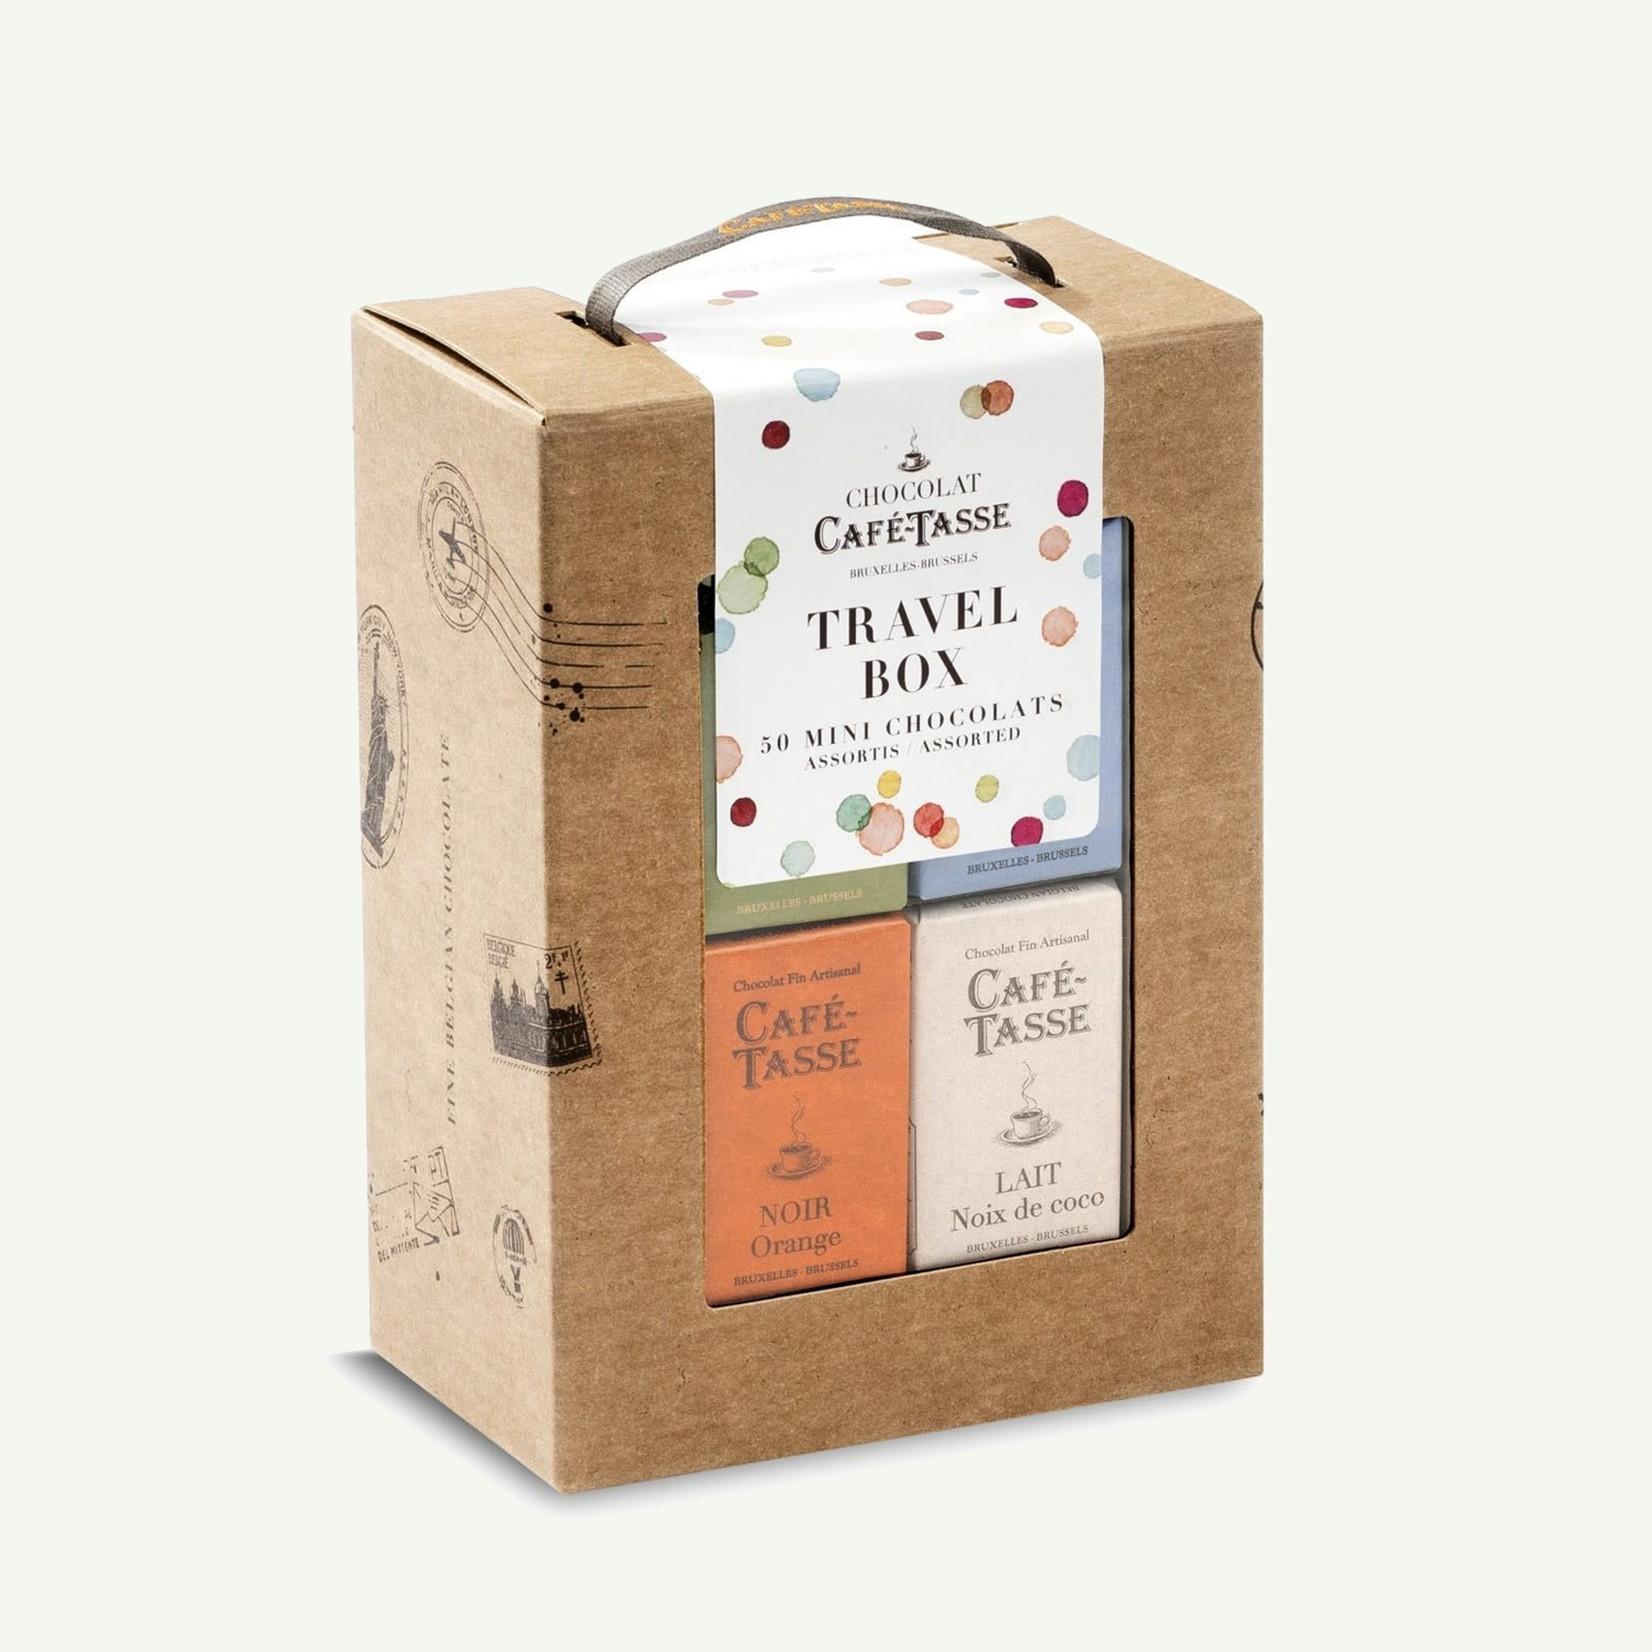 Café-Tasse Café-Tasse 'Travel Box'